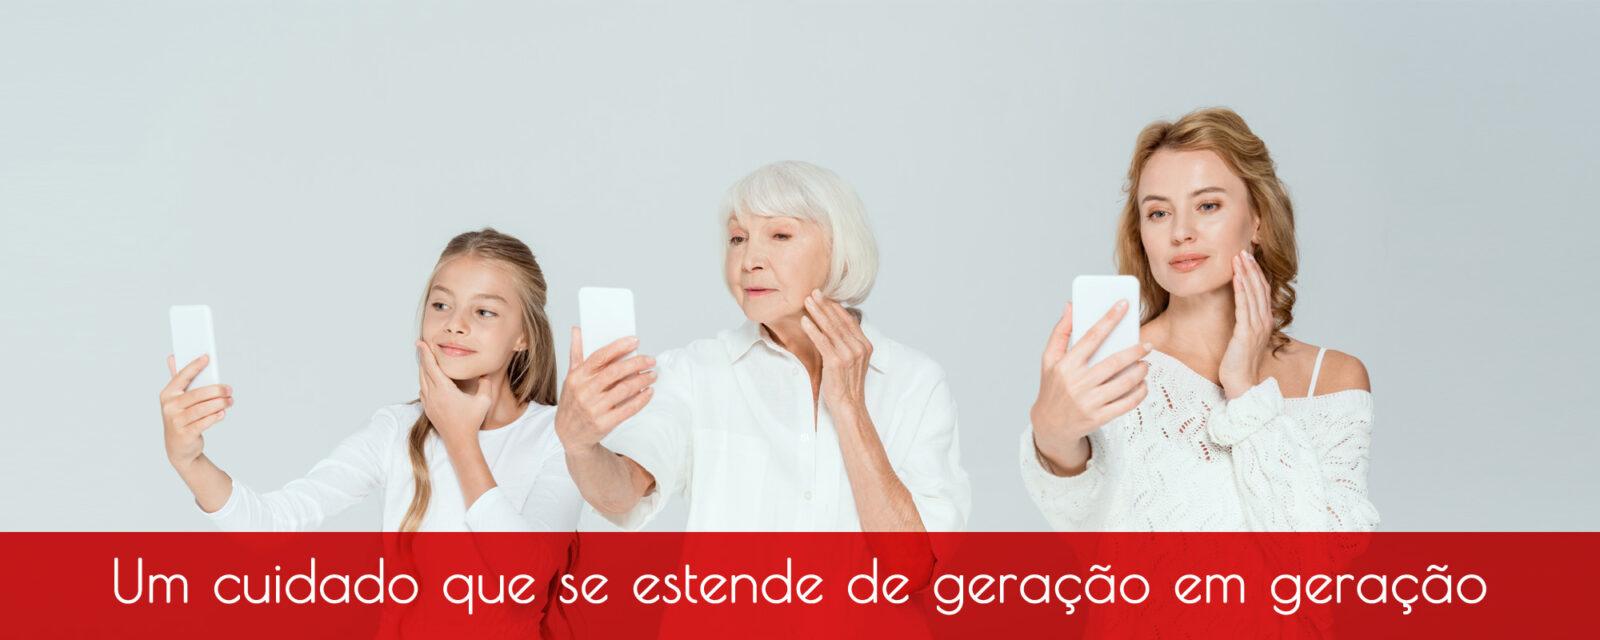 Geração em geração